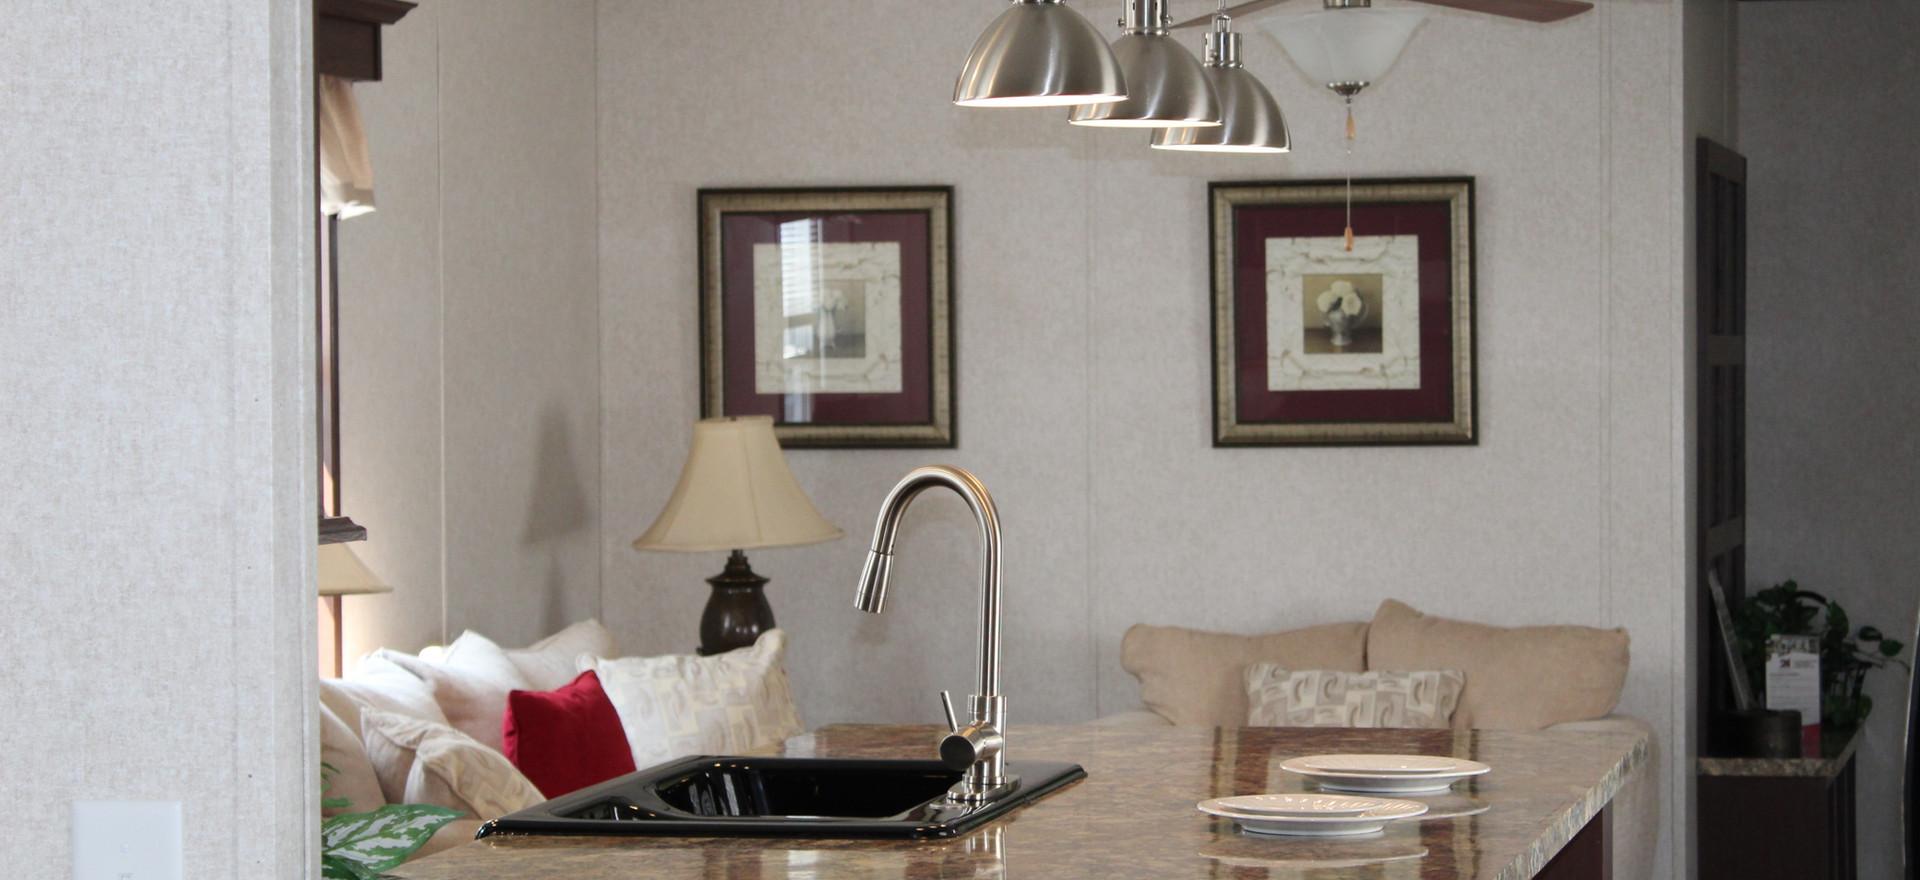 Lights&Kitchen (2) (2).JPG